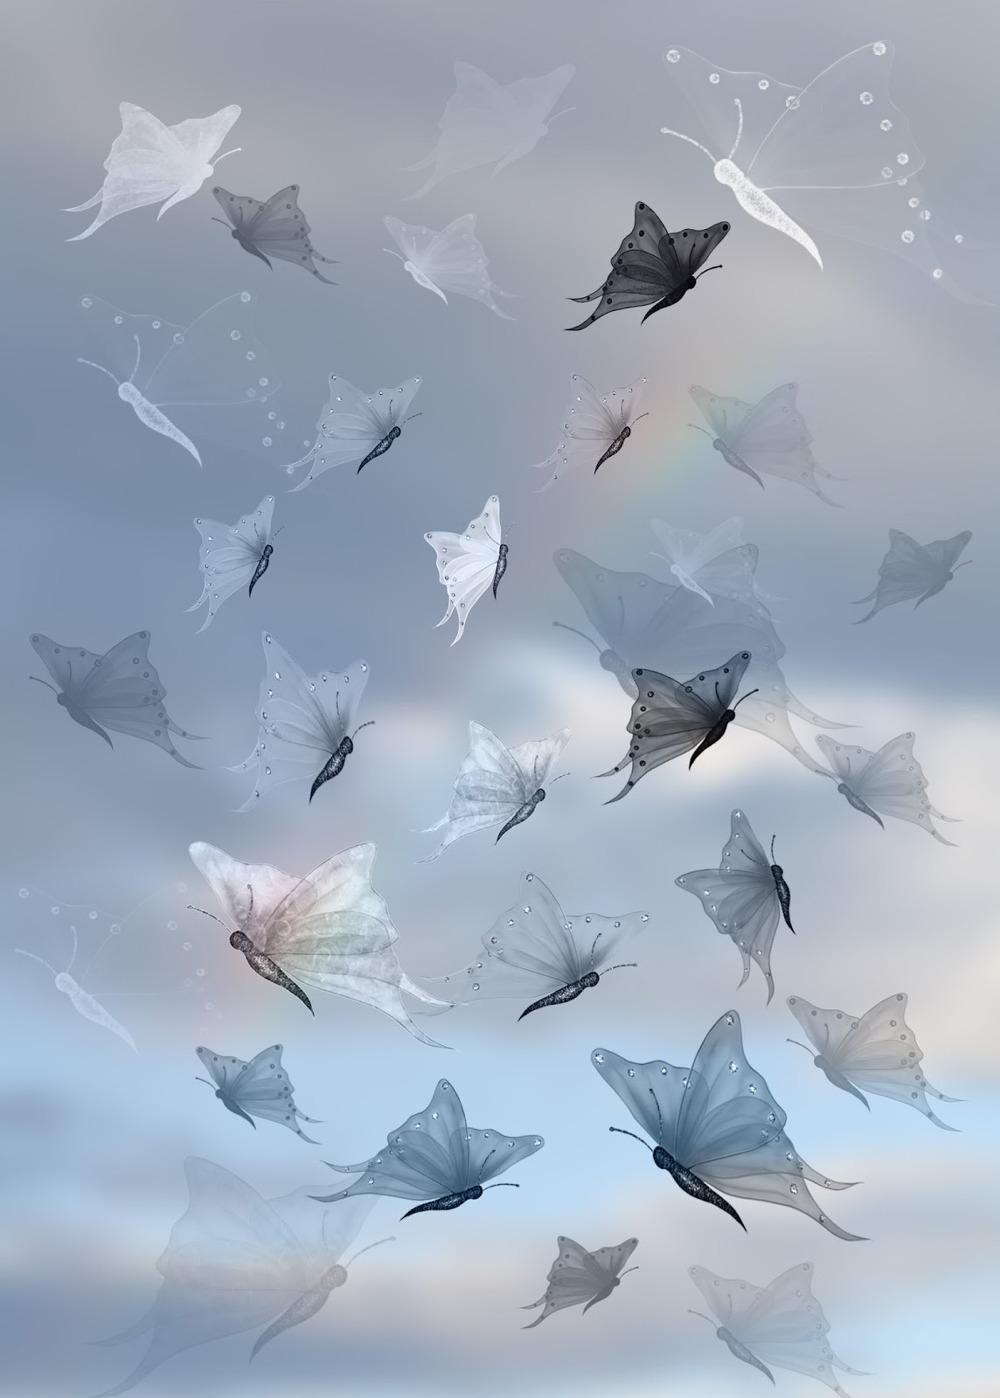 9 가지 무료 포토샵 나비 브러쉬 - 9 Free Photoshop Butterfly Brushes